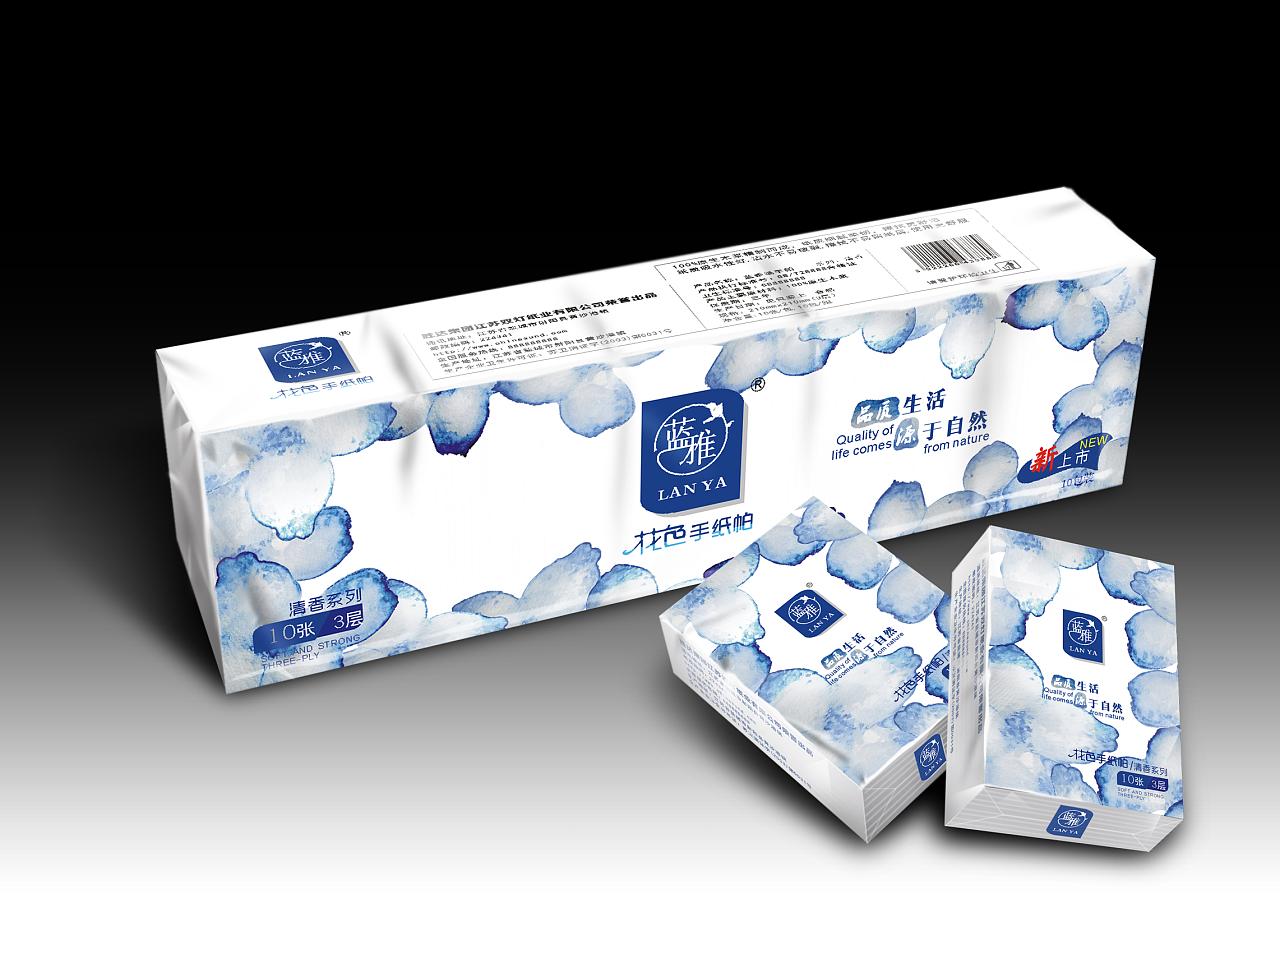 蓝雅纸巾包装设计图片